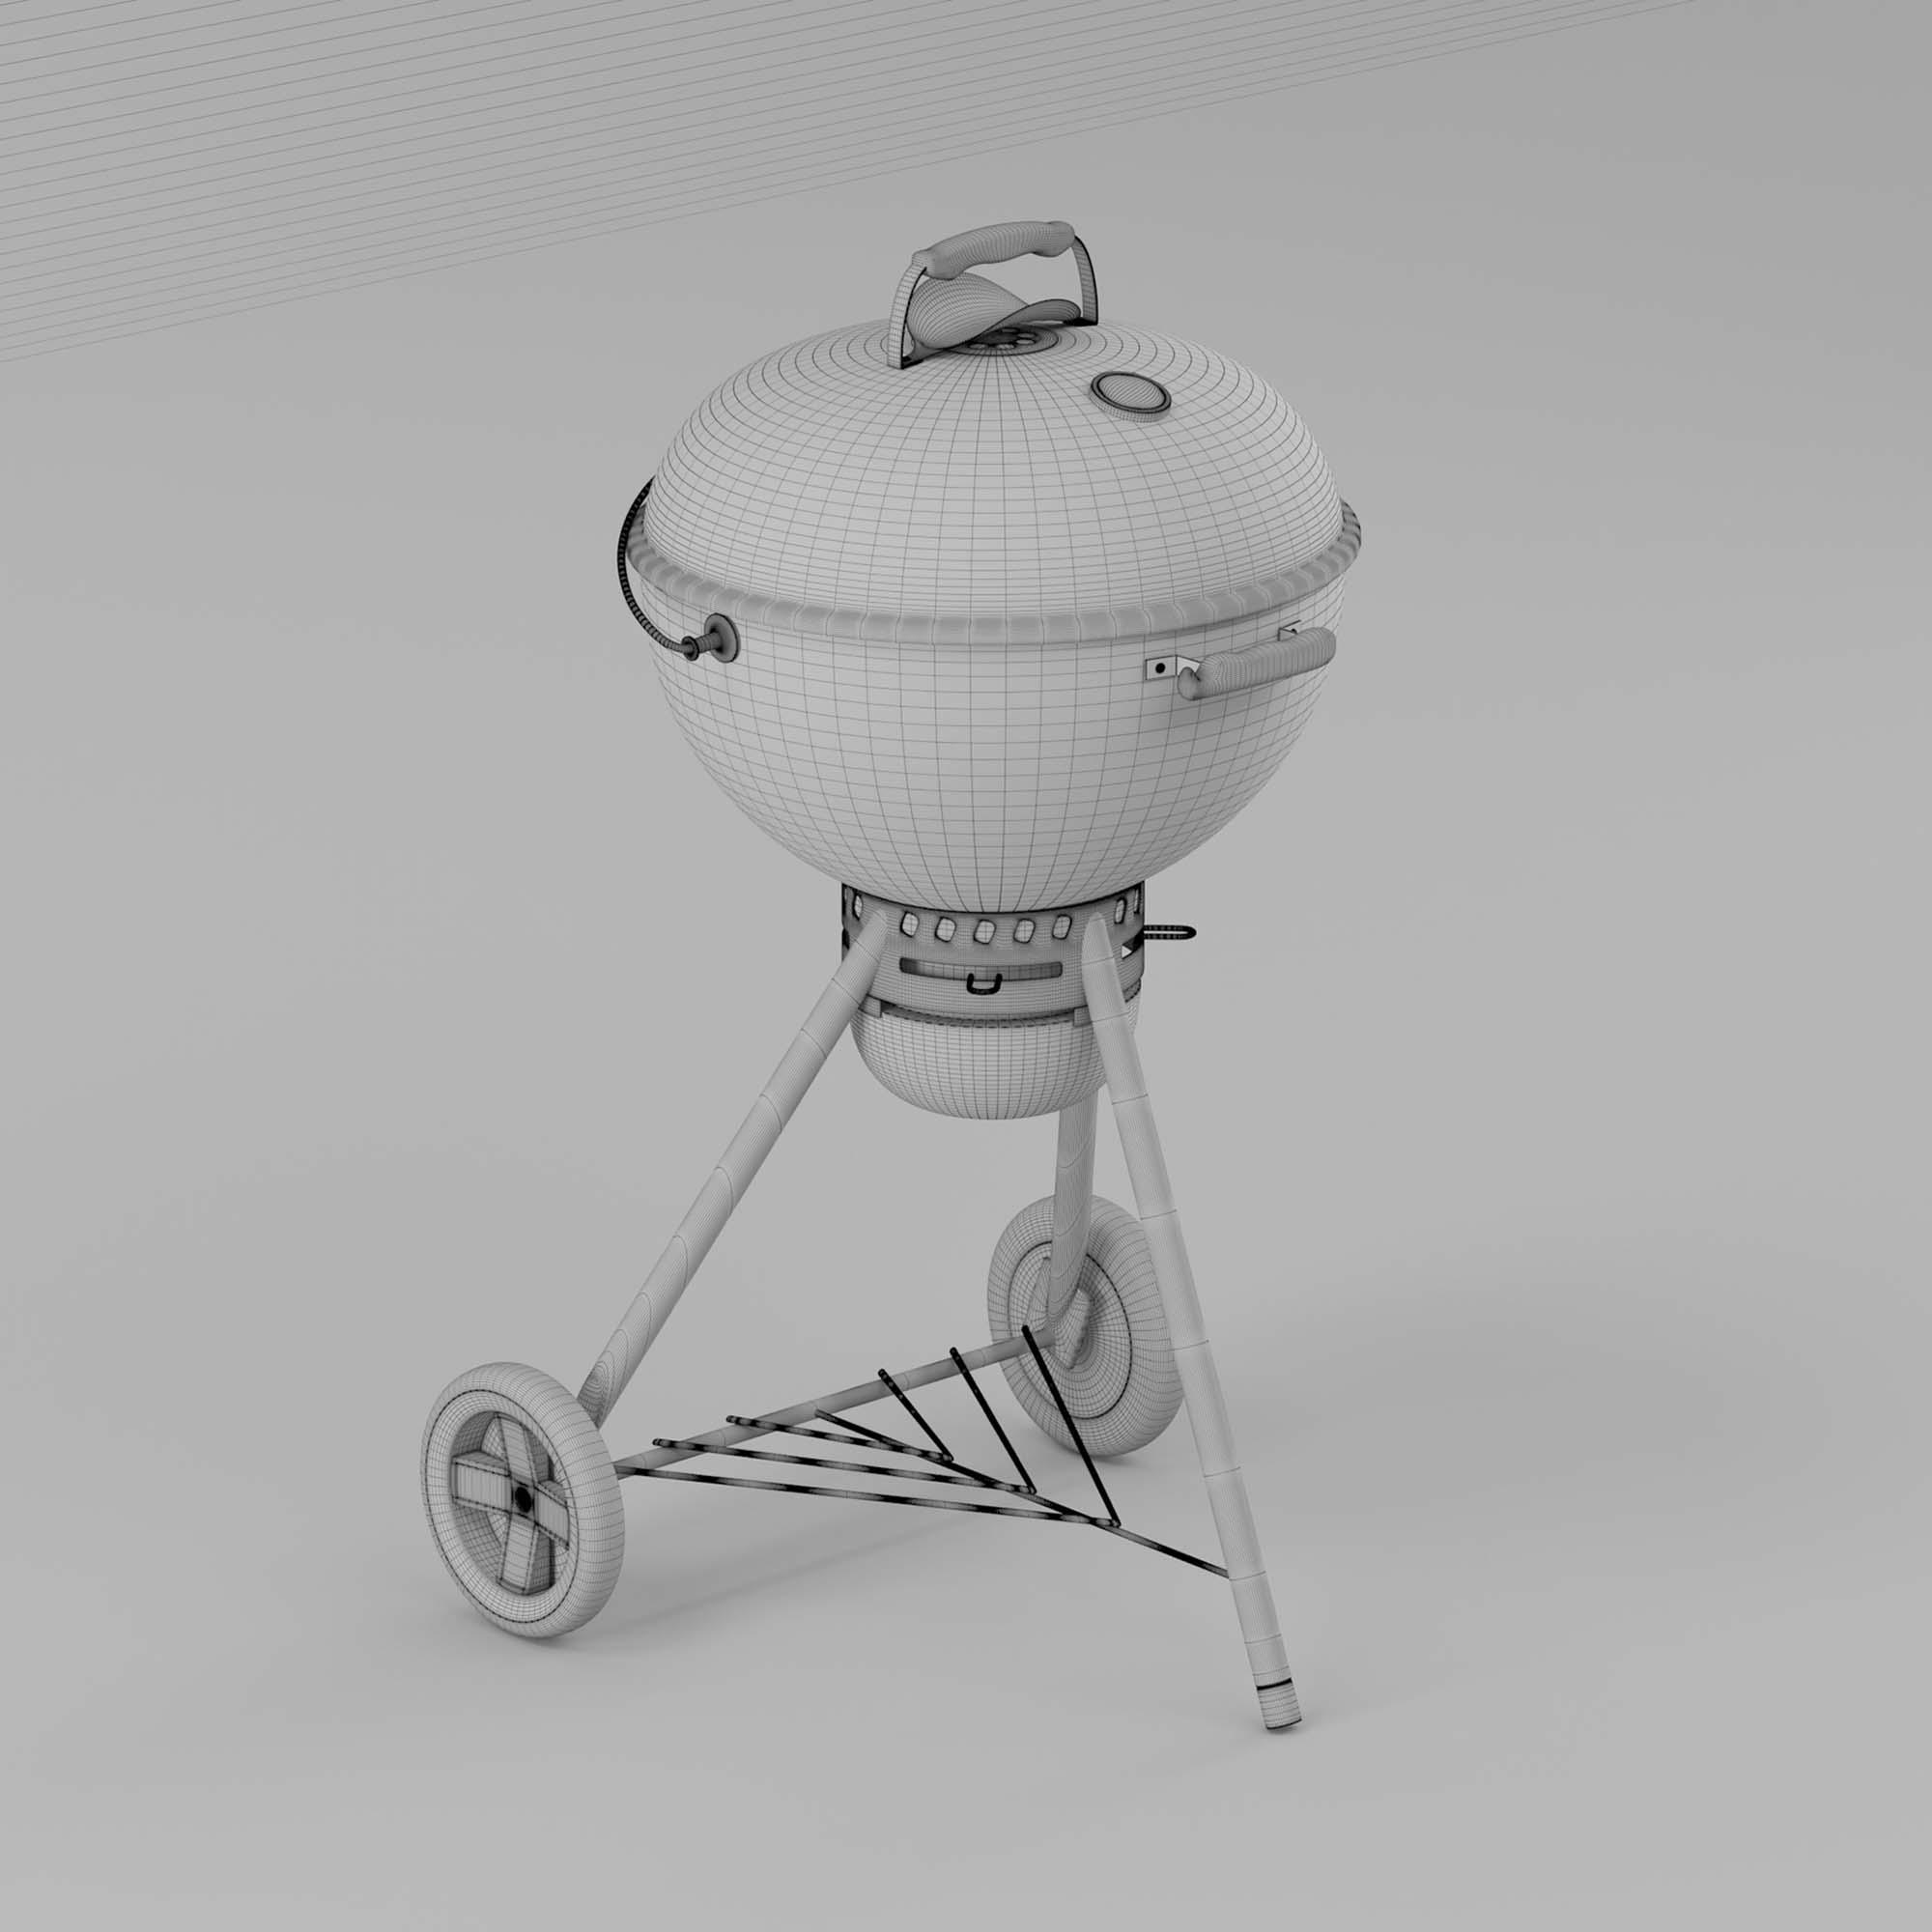 Charcoal Grill 3D Model - MAX